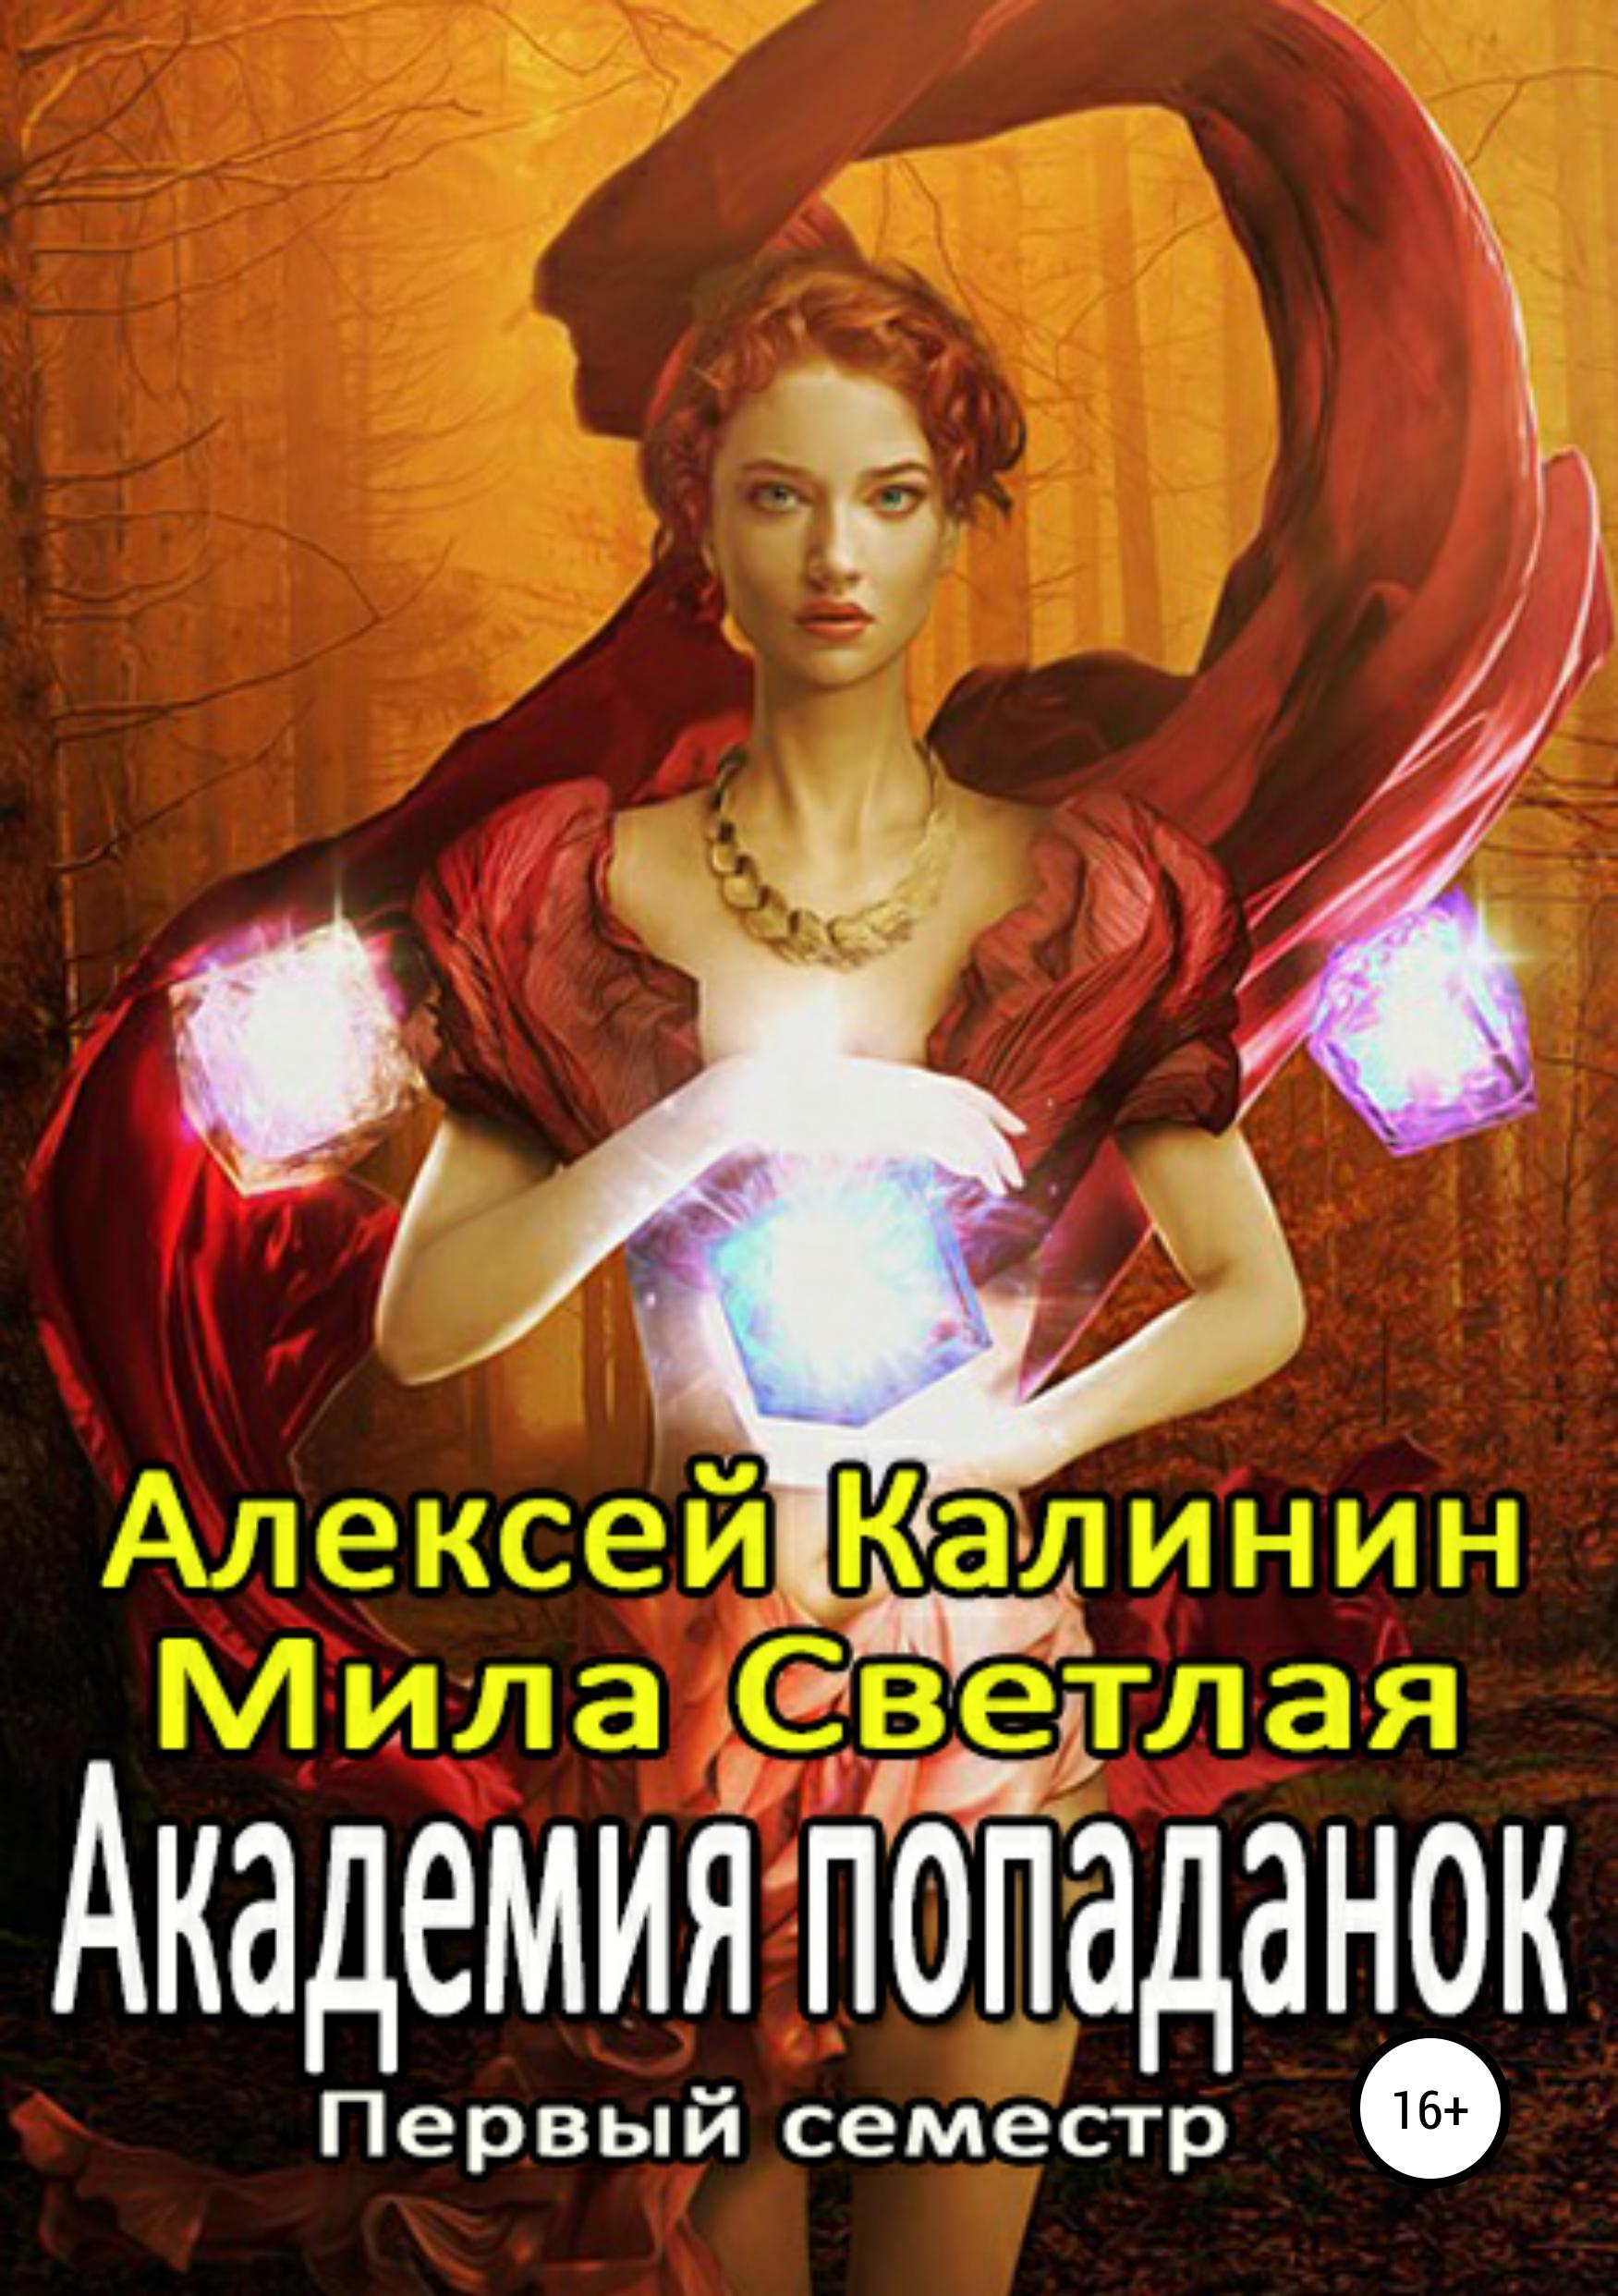 Алексей Калинин Академия попаданок. Первый семестр белый алексей теперь меня видно